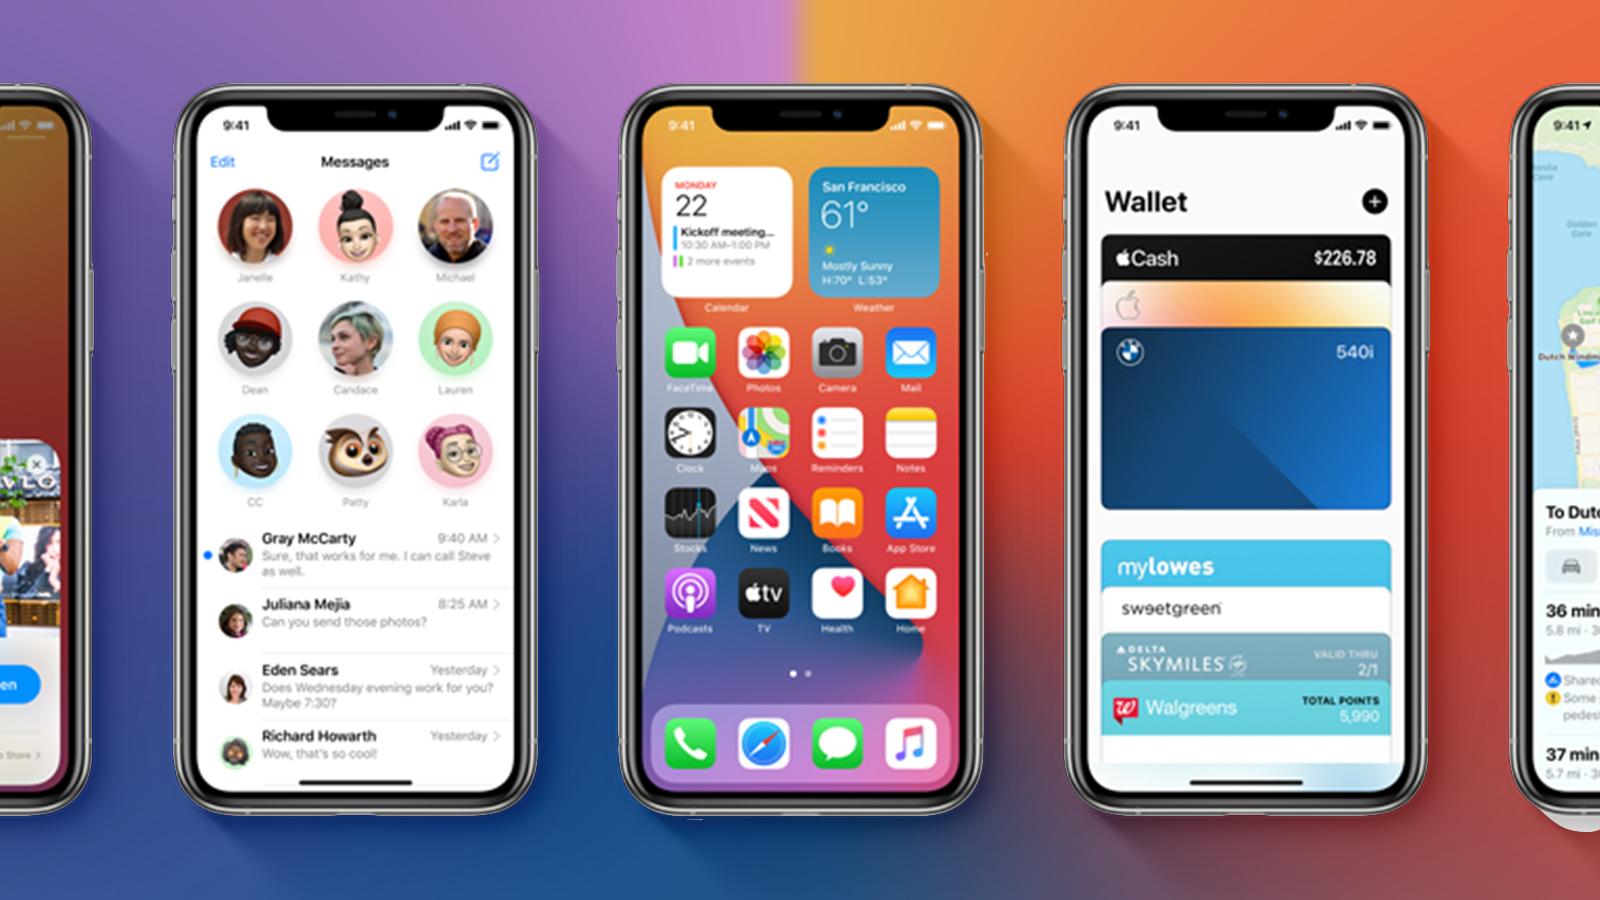 Apple: ios 14 chega amanhã, saiba o que muda com a atualização. O update do ios 14 que chega amanhã conta com widgets dinâmicos, mapa repaginado e a siri com função de tradução simultânea